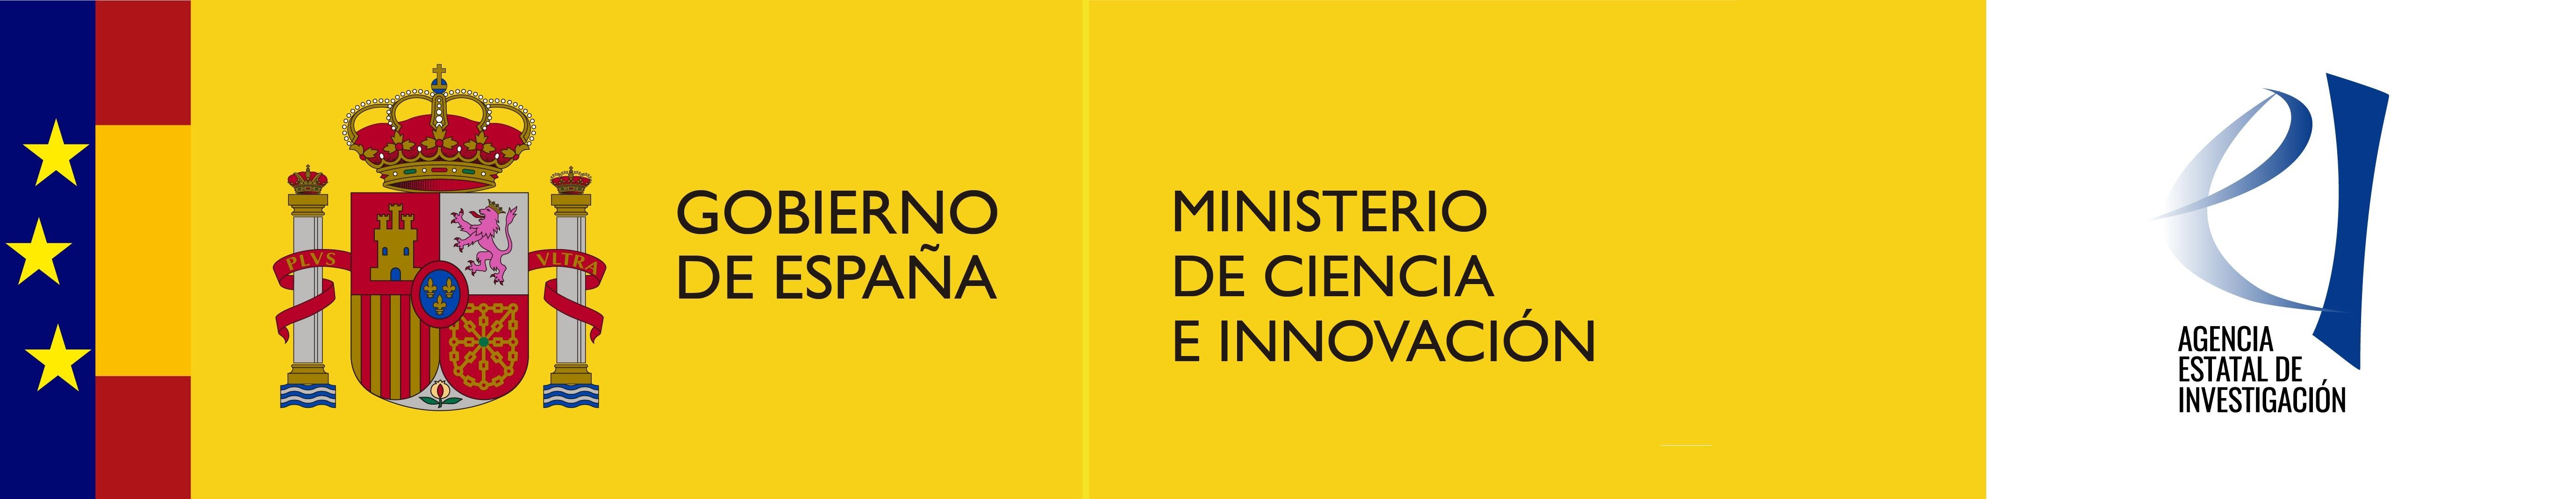 ministerio ciencia e innovación